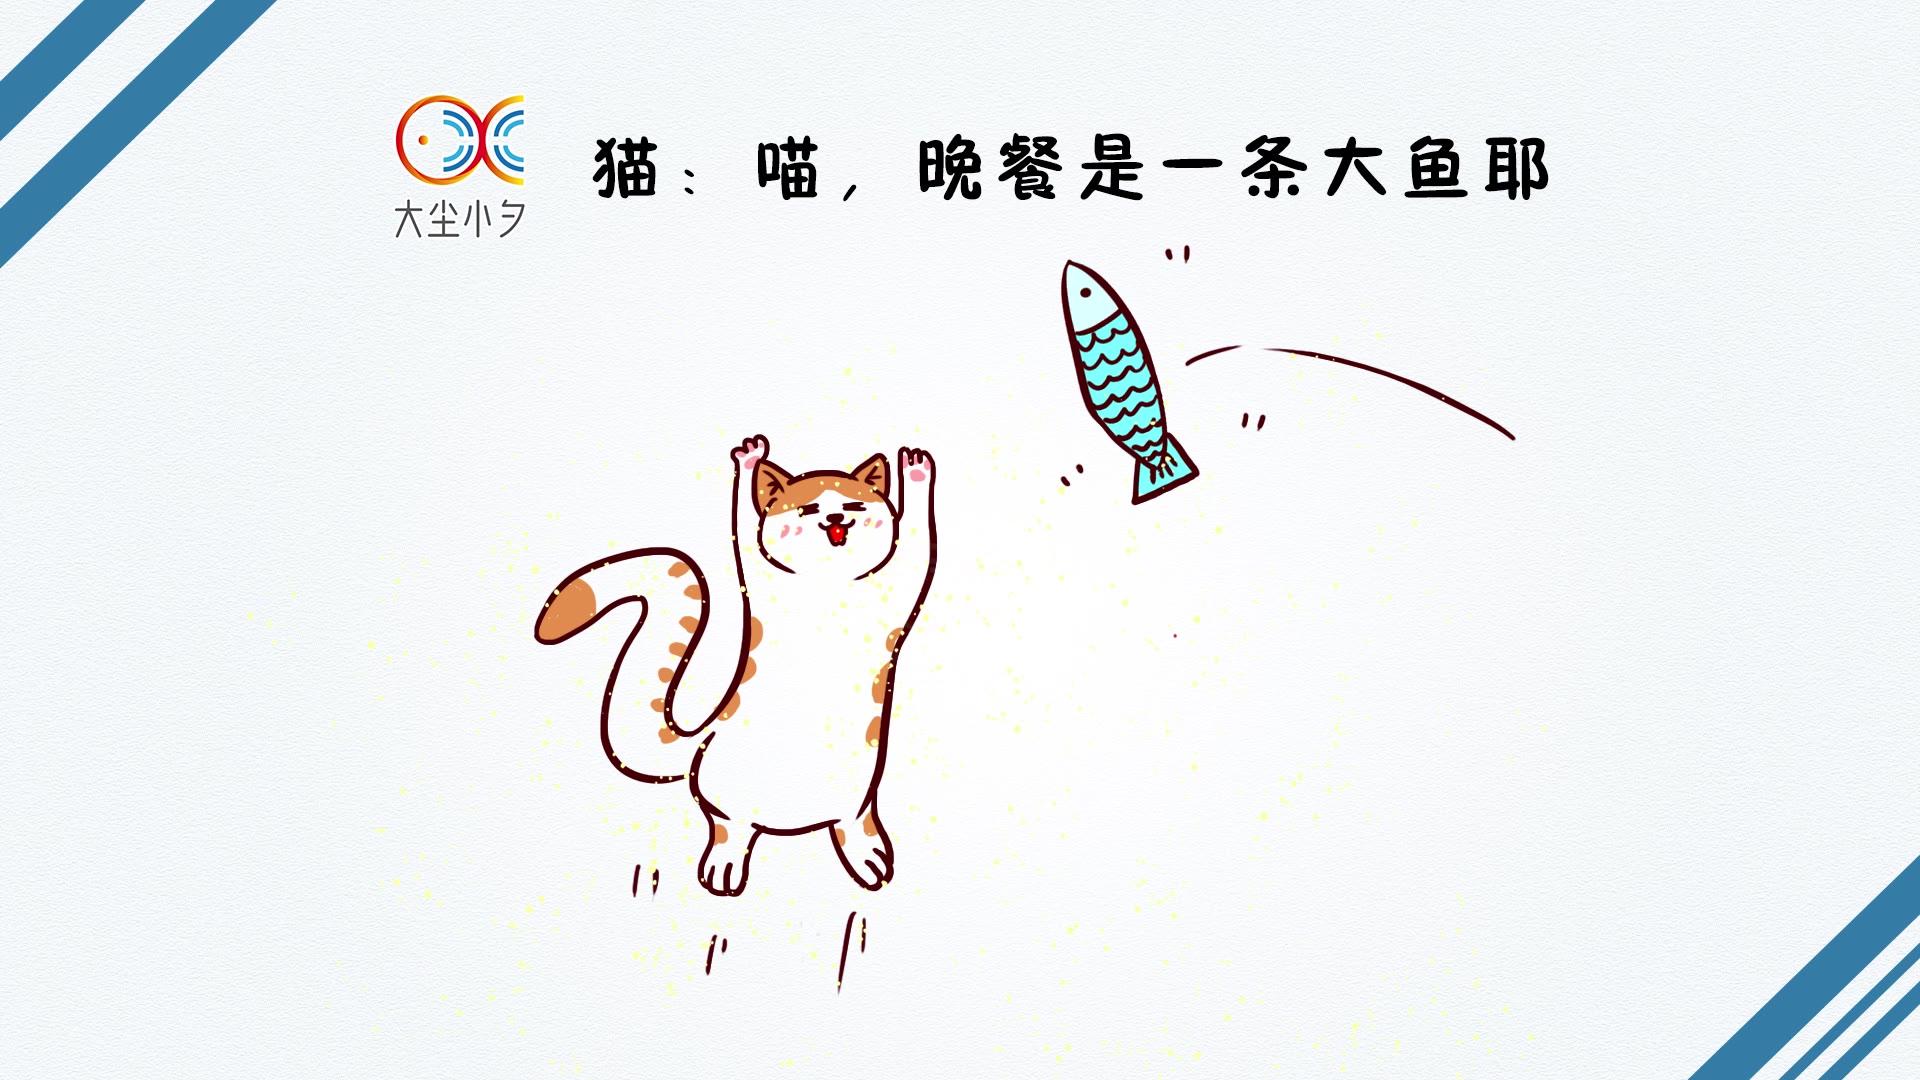 猫:喵,晚餐是一条大鱼耶!简笔画,30秒看绘